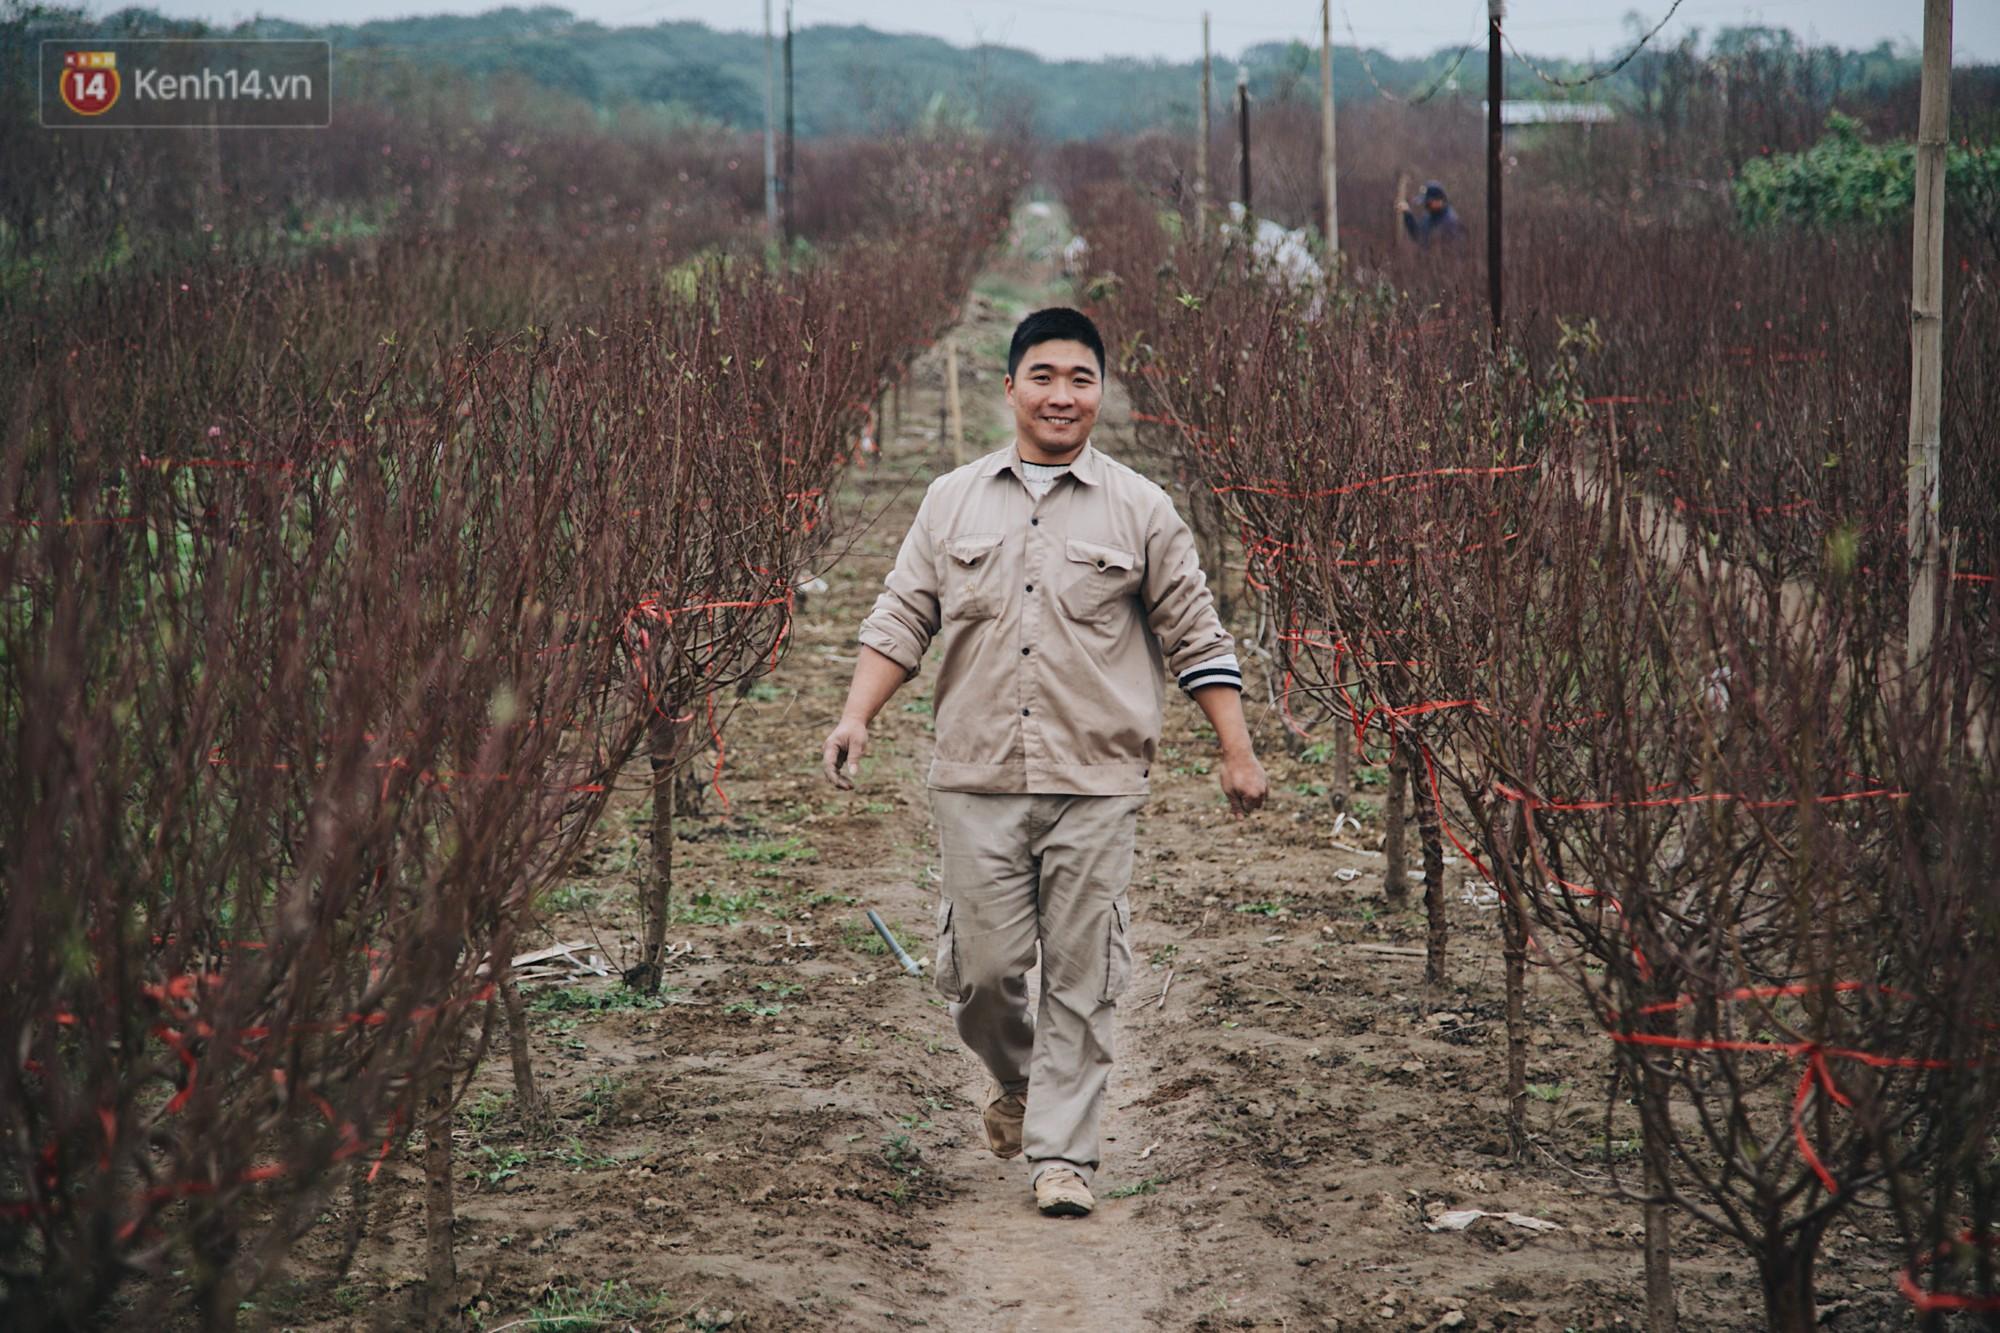 Trong khi đó, làng đào nổi tiếng nhất Hà Nội - Nhật Tân cũng đang tất bật chuẩn bị cho những cây đào tới tay người dân. Những ngày giáp Tết Âm lịch, vườn đào Nhật Tân dường như rộn ràng hơn rất nhiều.